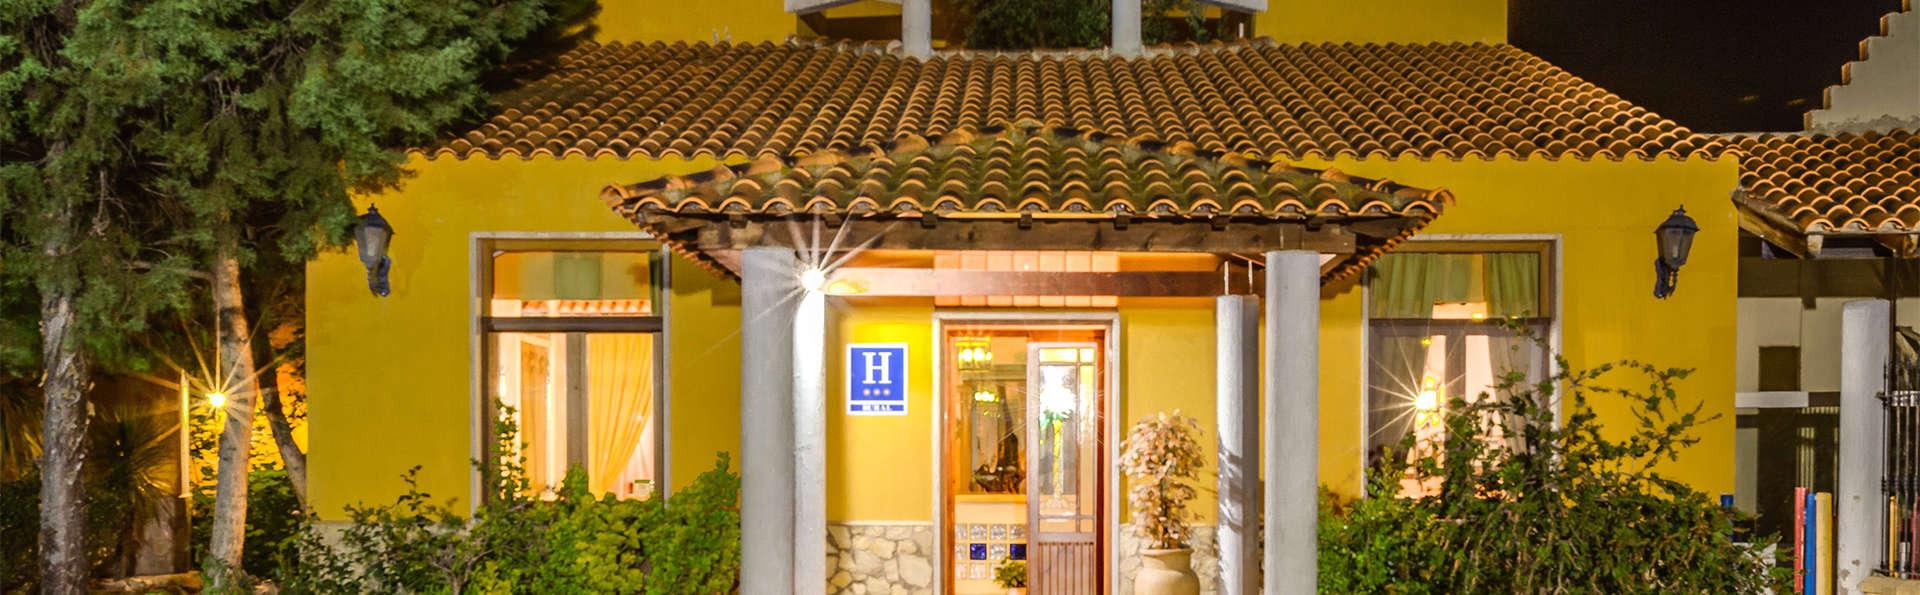 Hospedería del Desierto - EDIT_Exterior.jpg